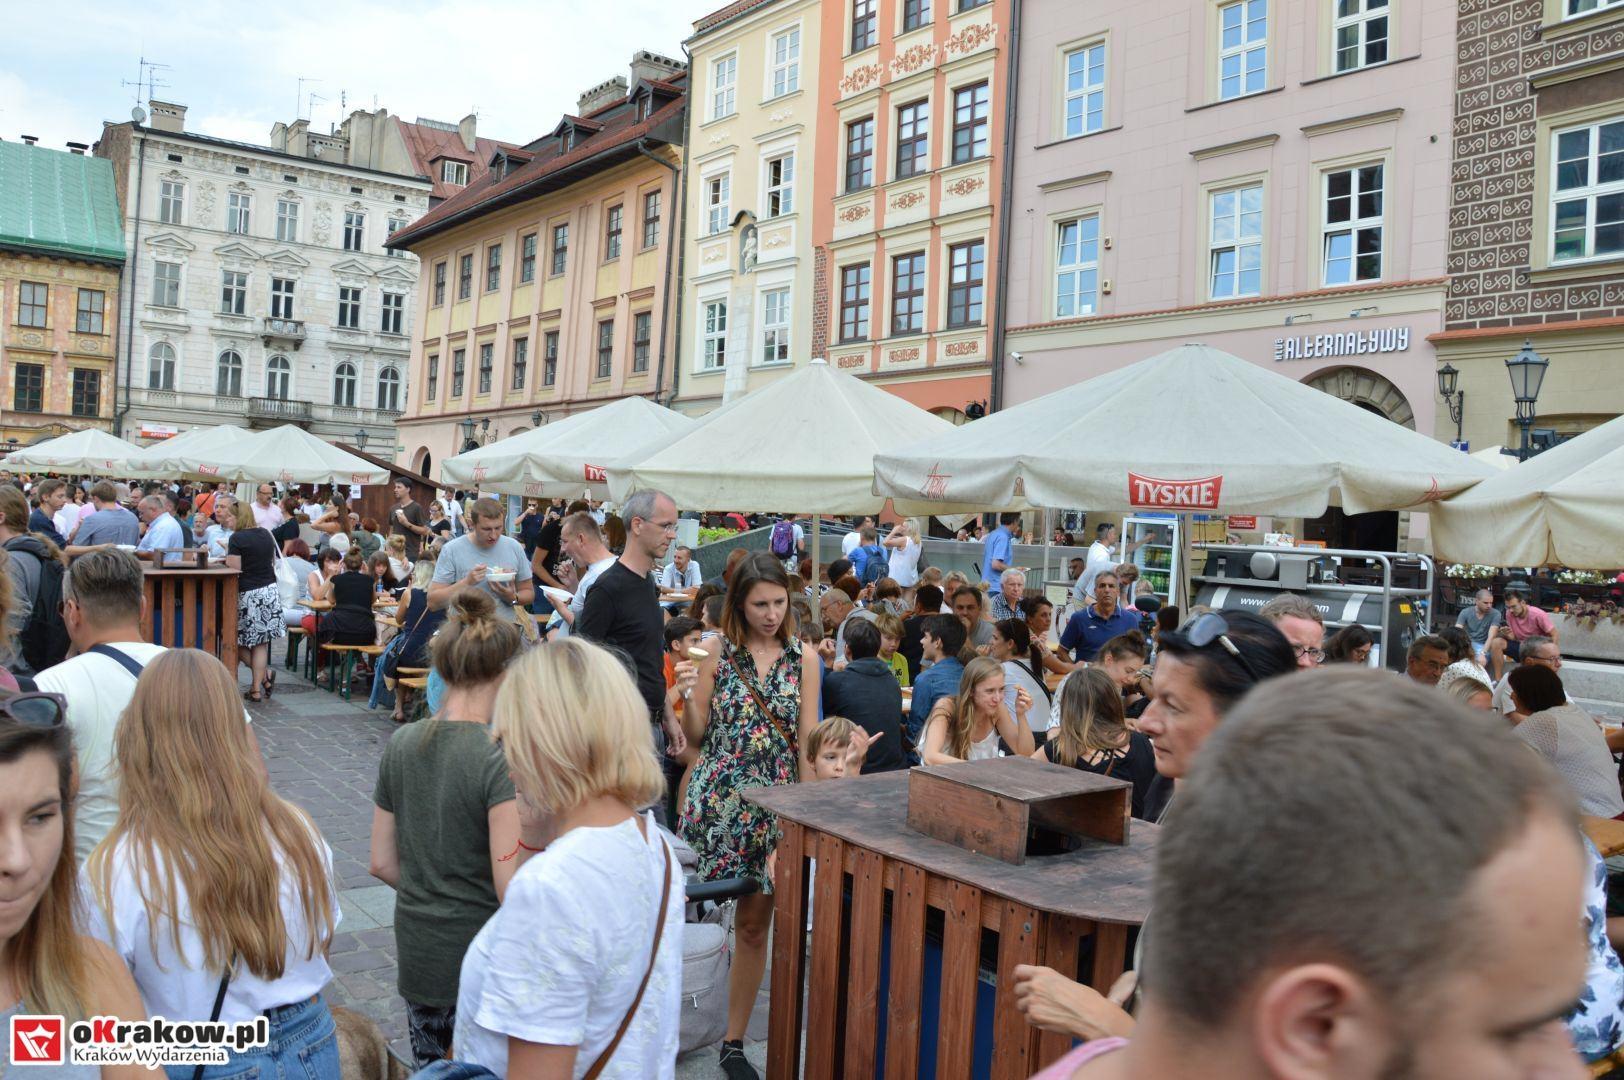 krakow festiwal pierogow maly rynek koncert cheap tobacco 13 150x150 - Galeria zdjęć Festiwal Pierogów Kraków 2018 + zdjęcia z koncertu Cheap Tobacco